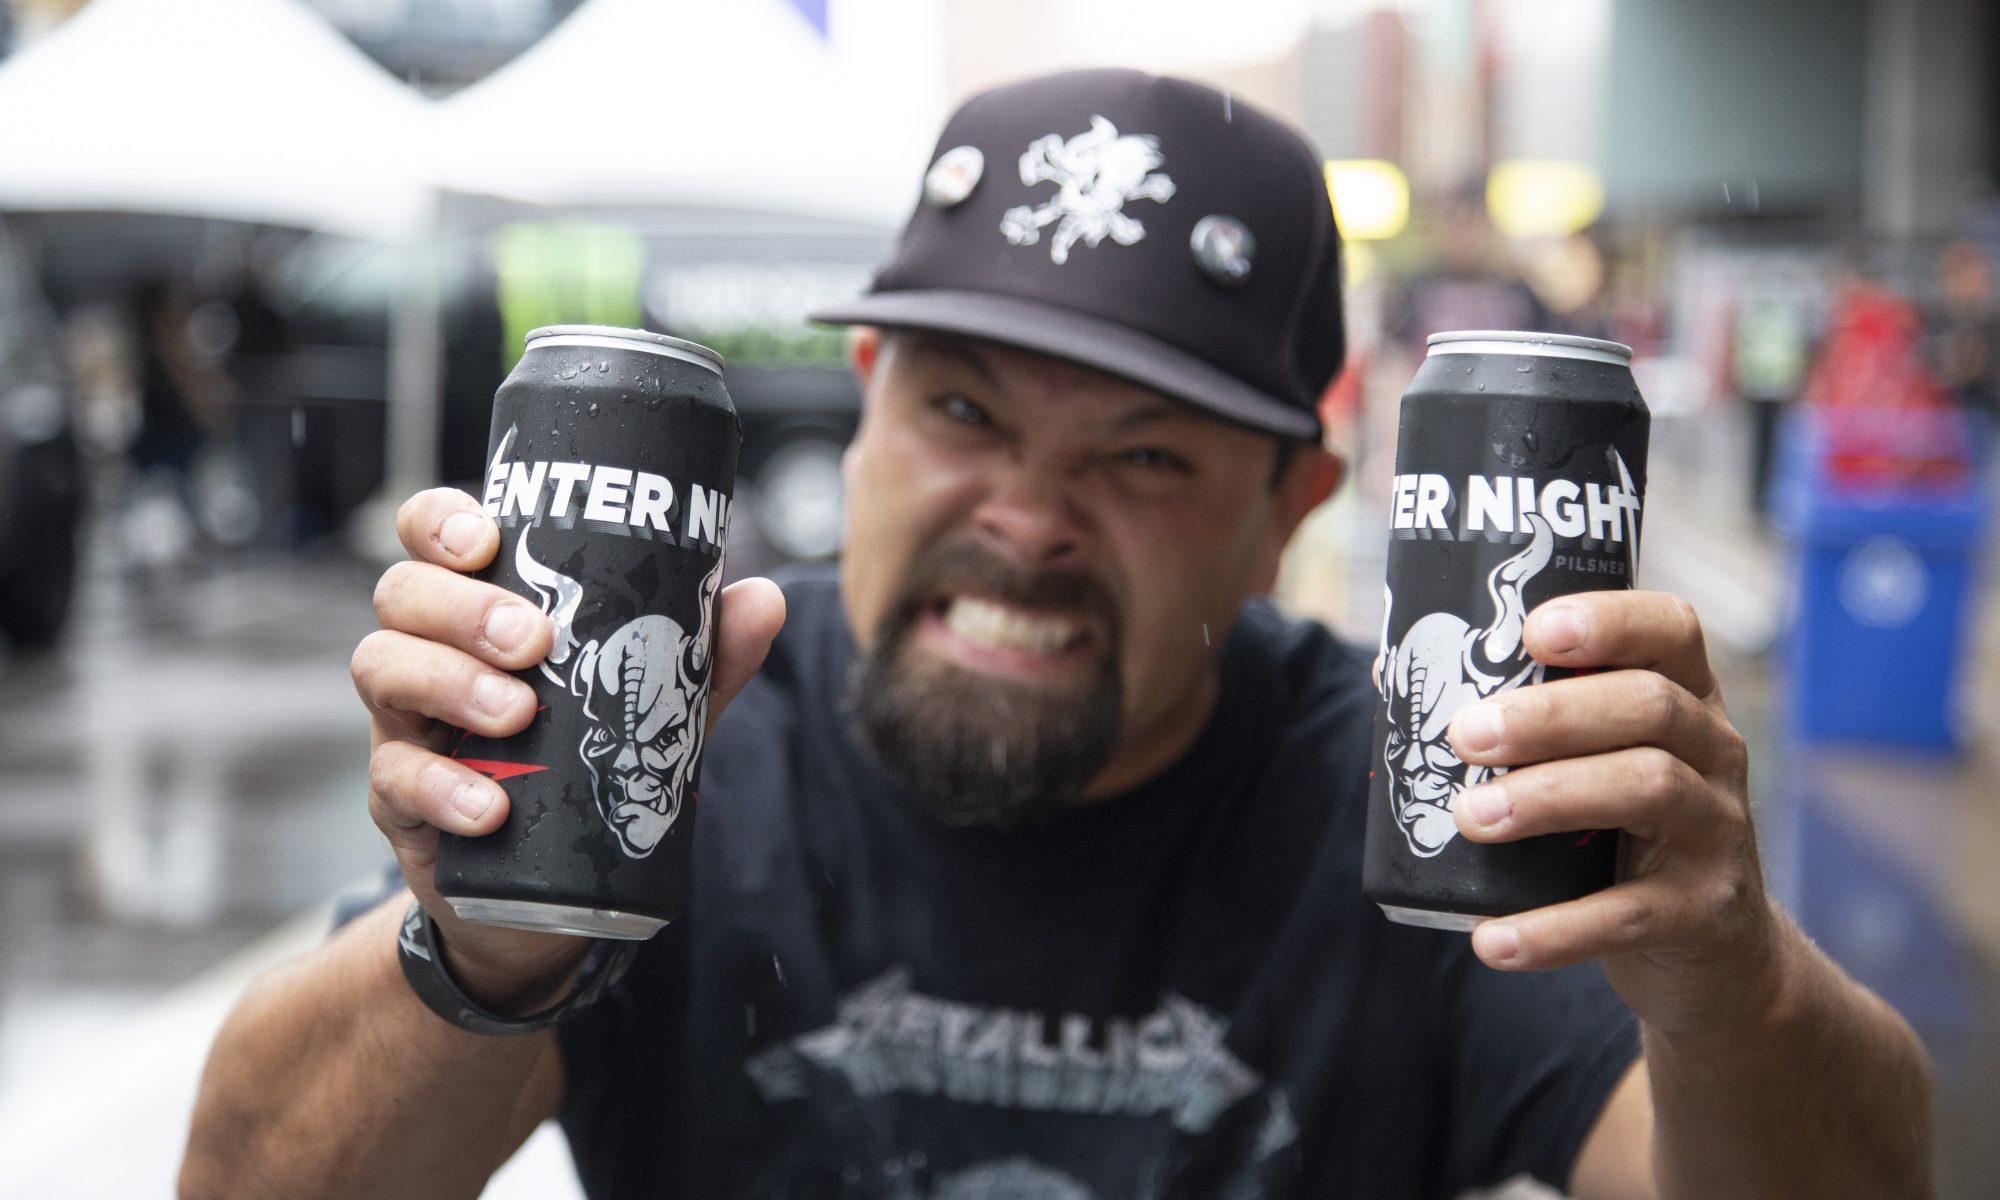 Metallica eigenes Bier trägt den Namen Enter The Pilsner und stammt von Arrogant Consortia